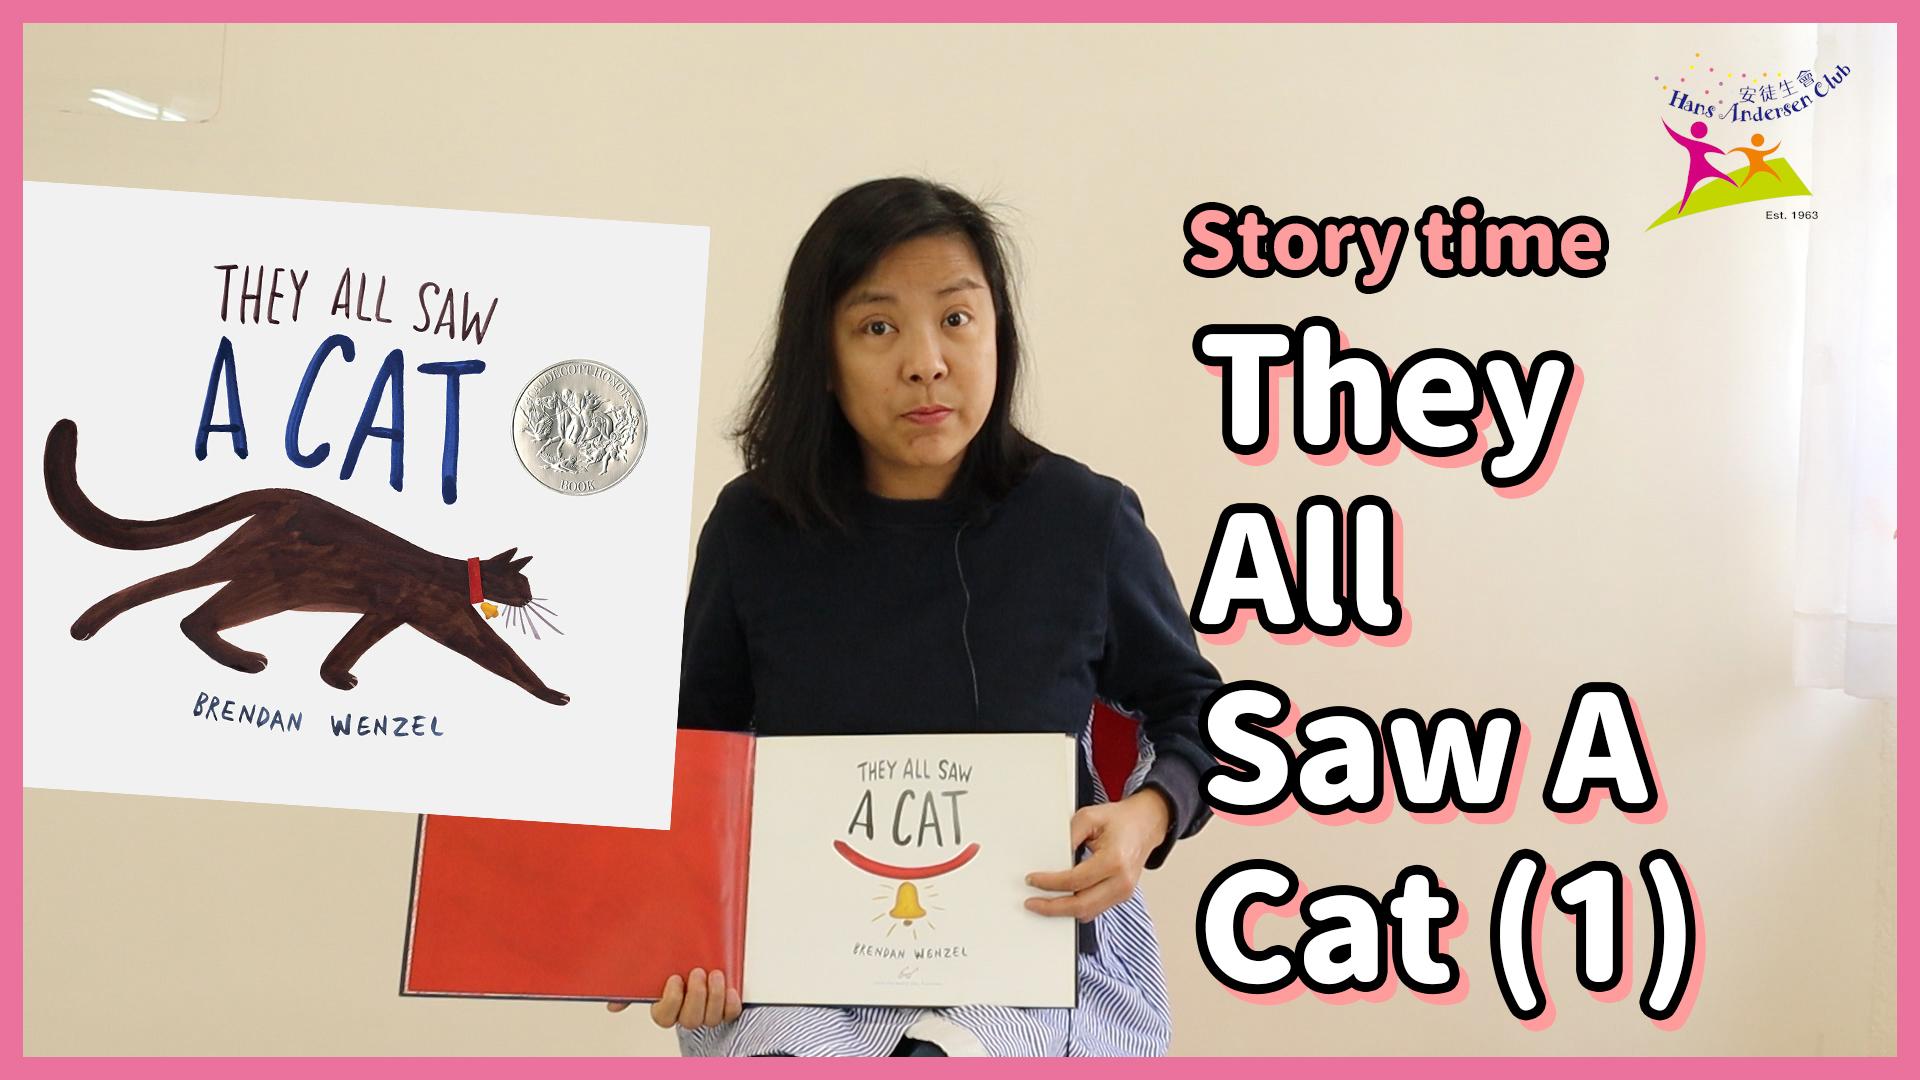 【故事時間】They all saw a cat (1)